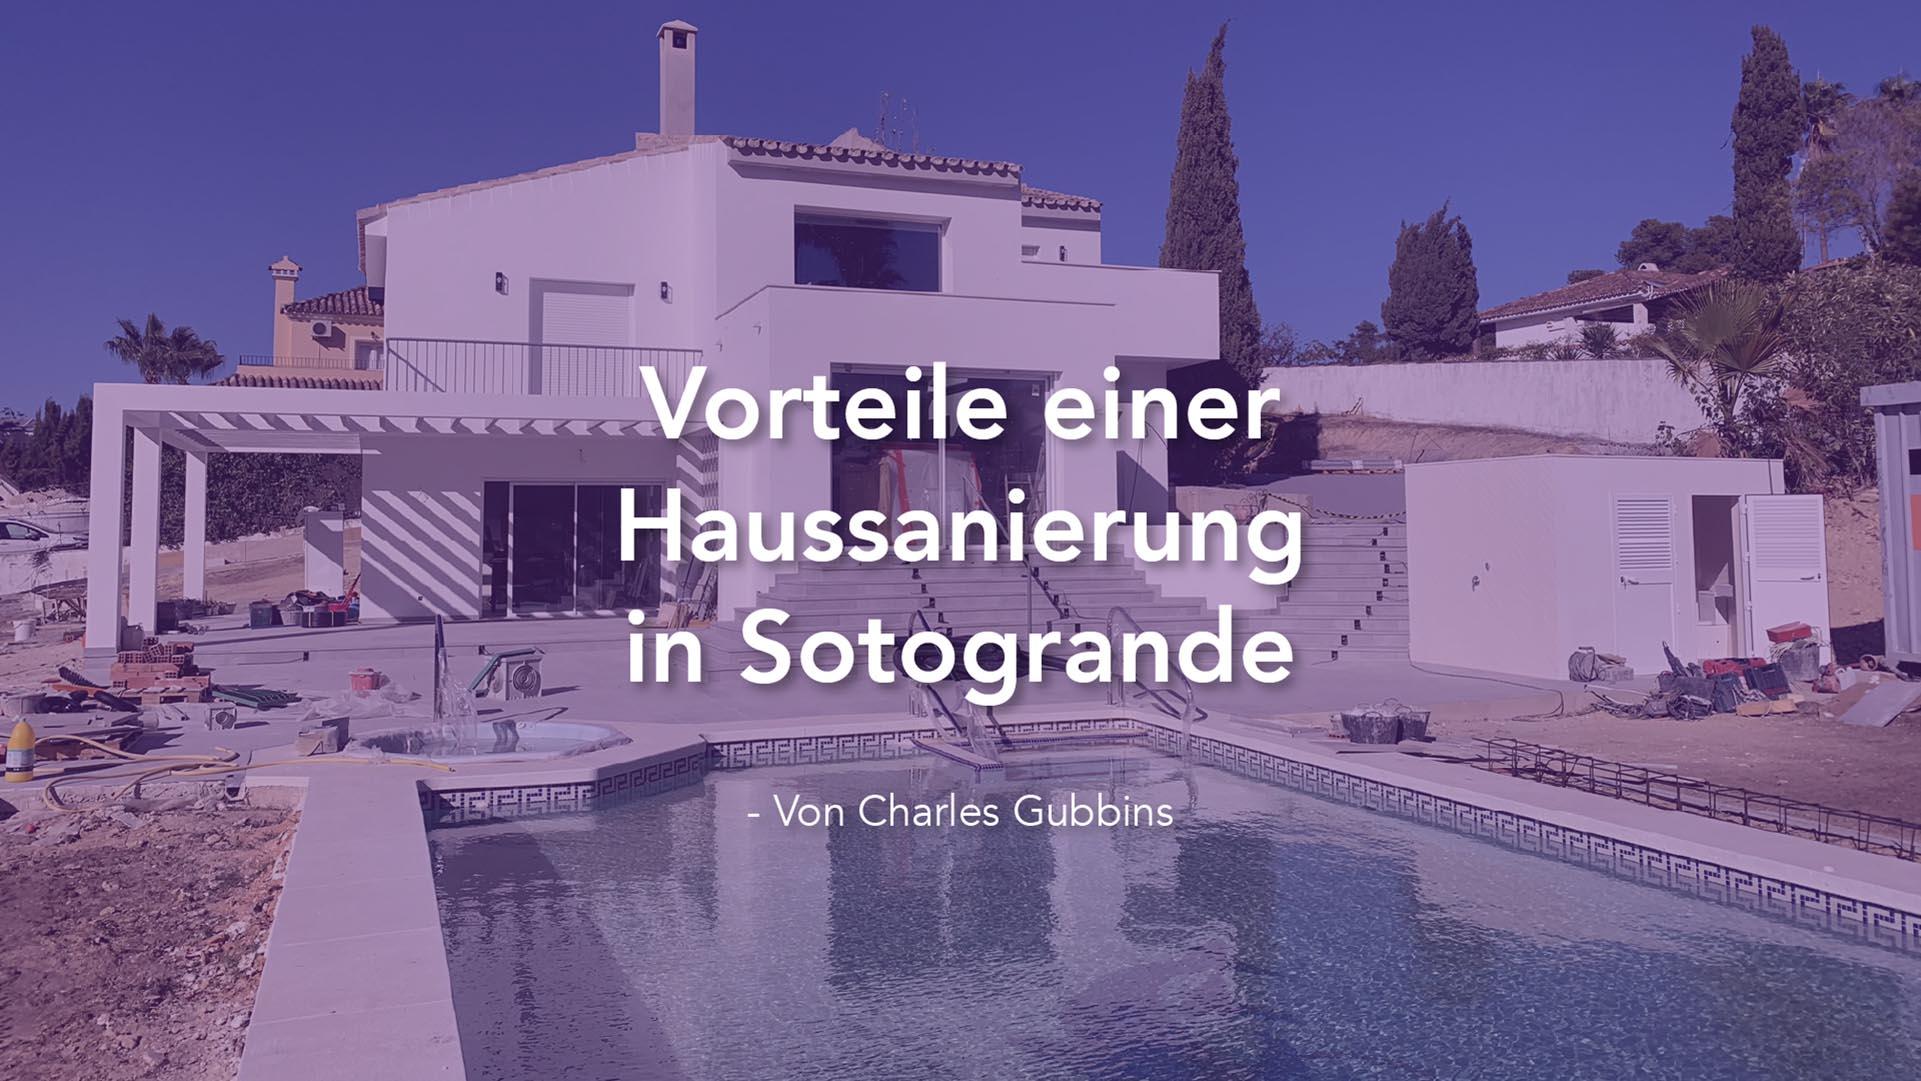 Vorteile einer Haussanierung in Sotogrande von Charles Gubbins